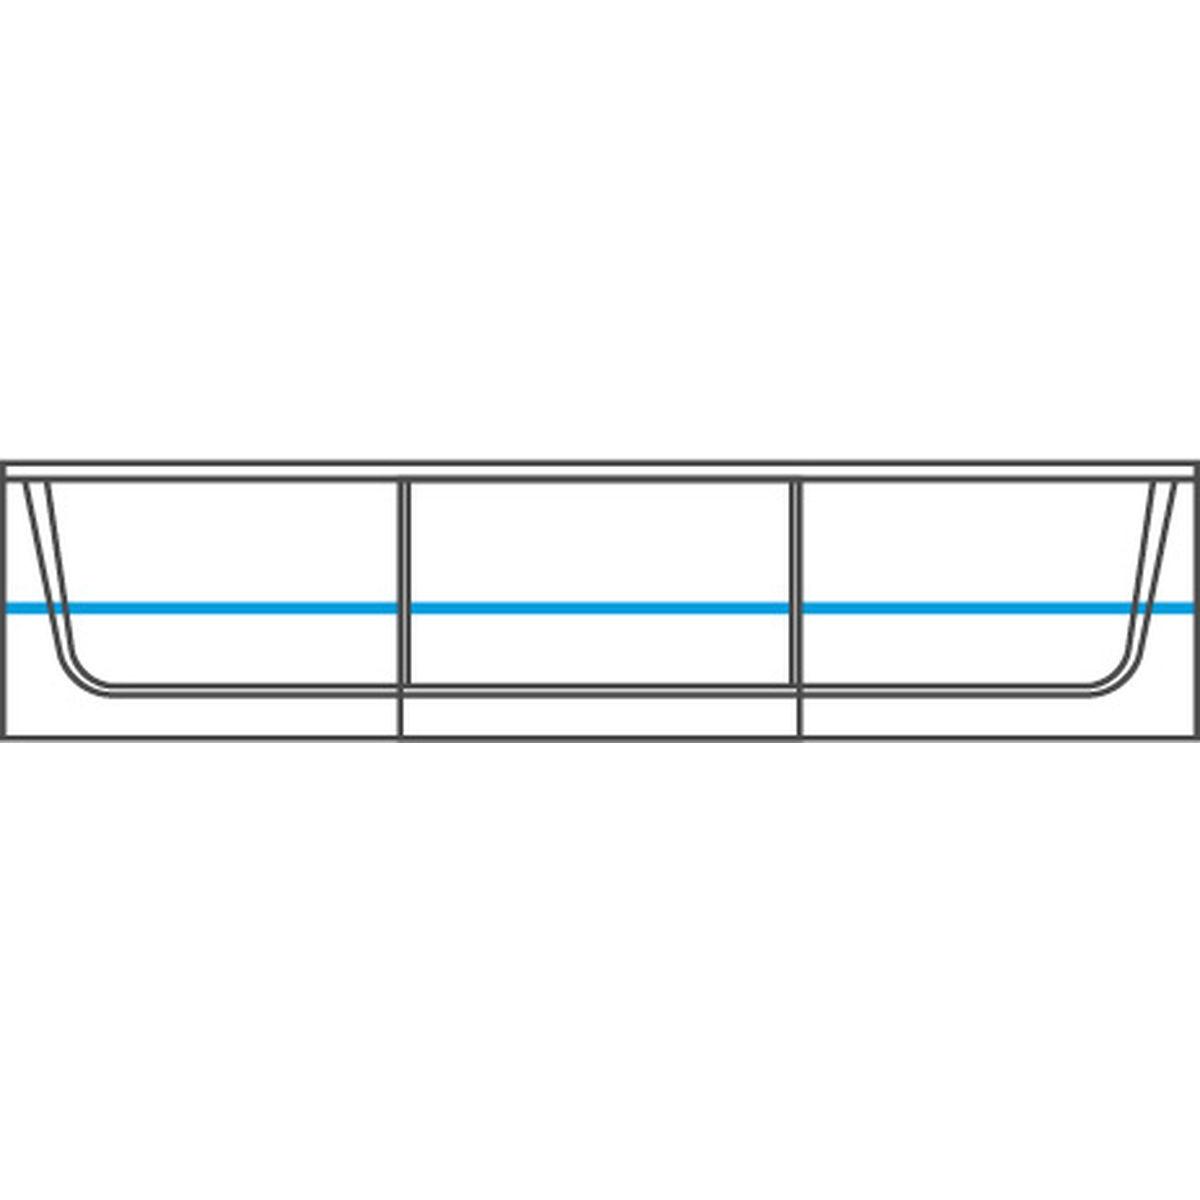 MAGANDA witryna wisząca duża 2DS z oświetleniem